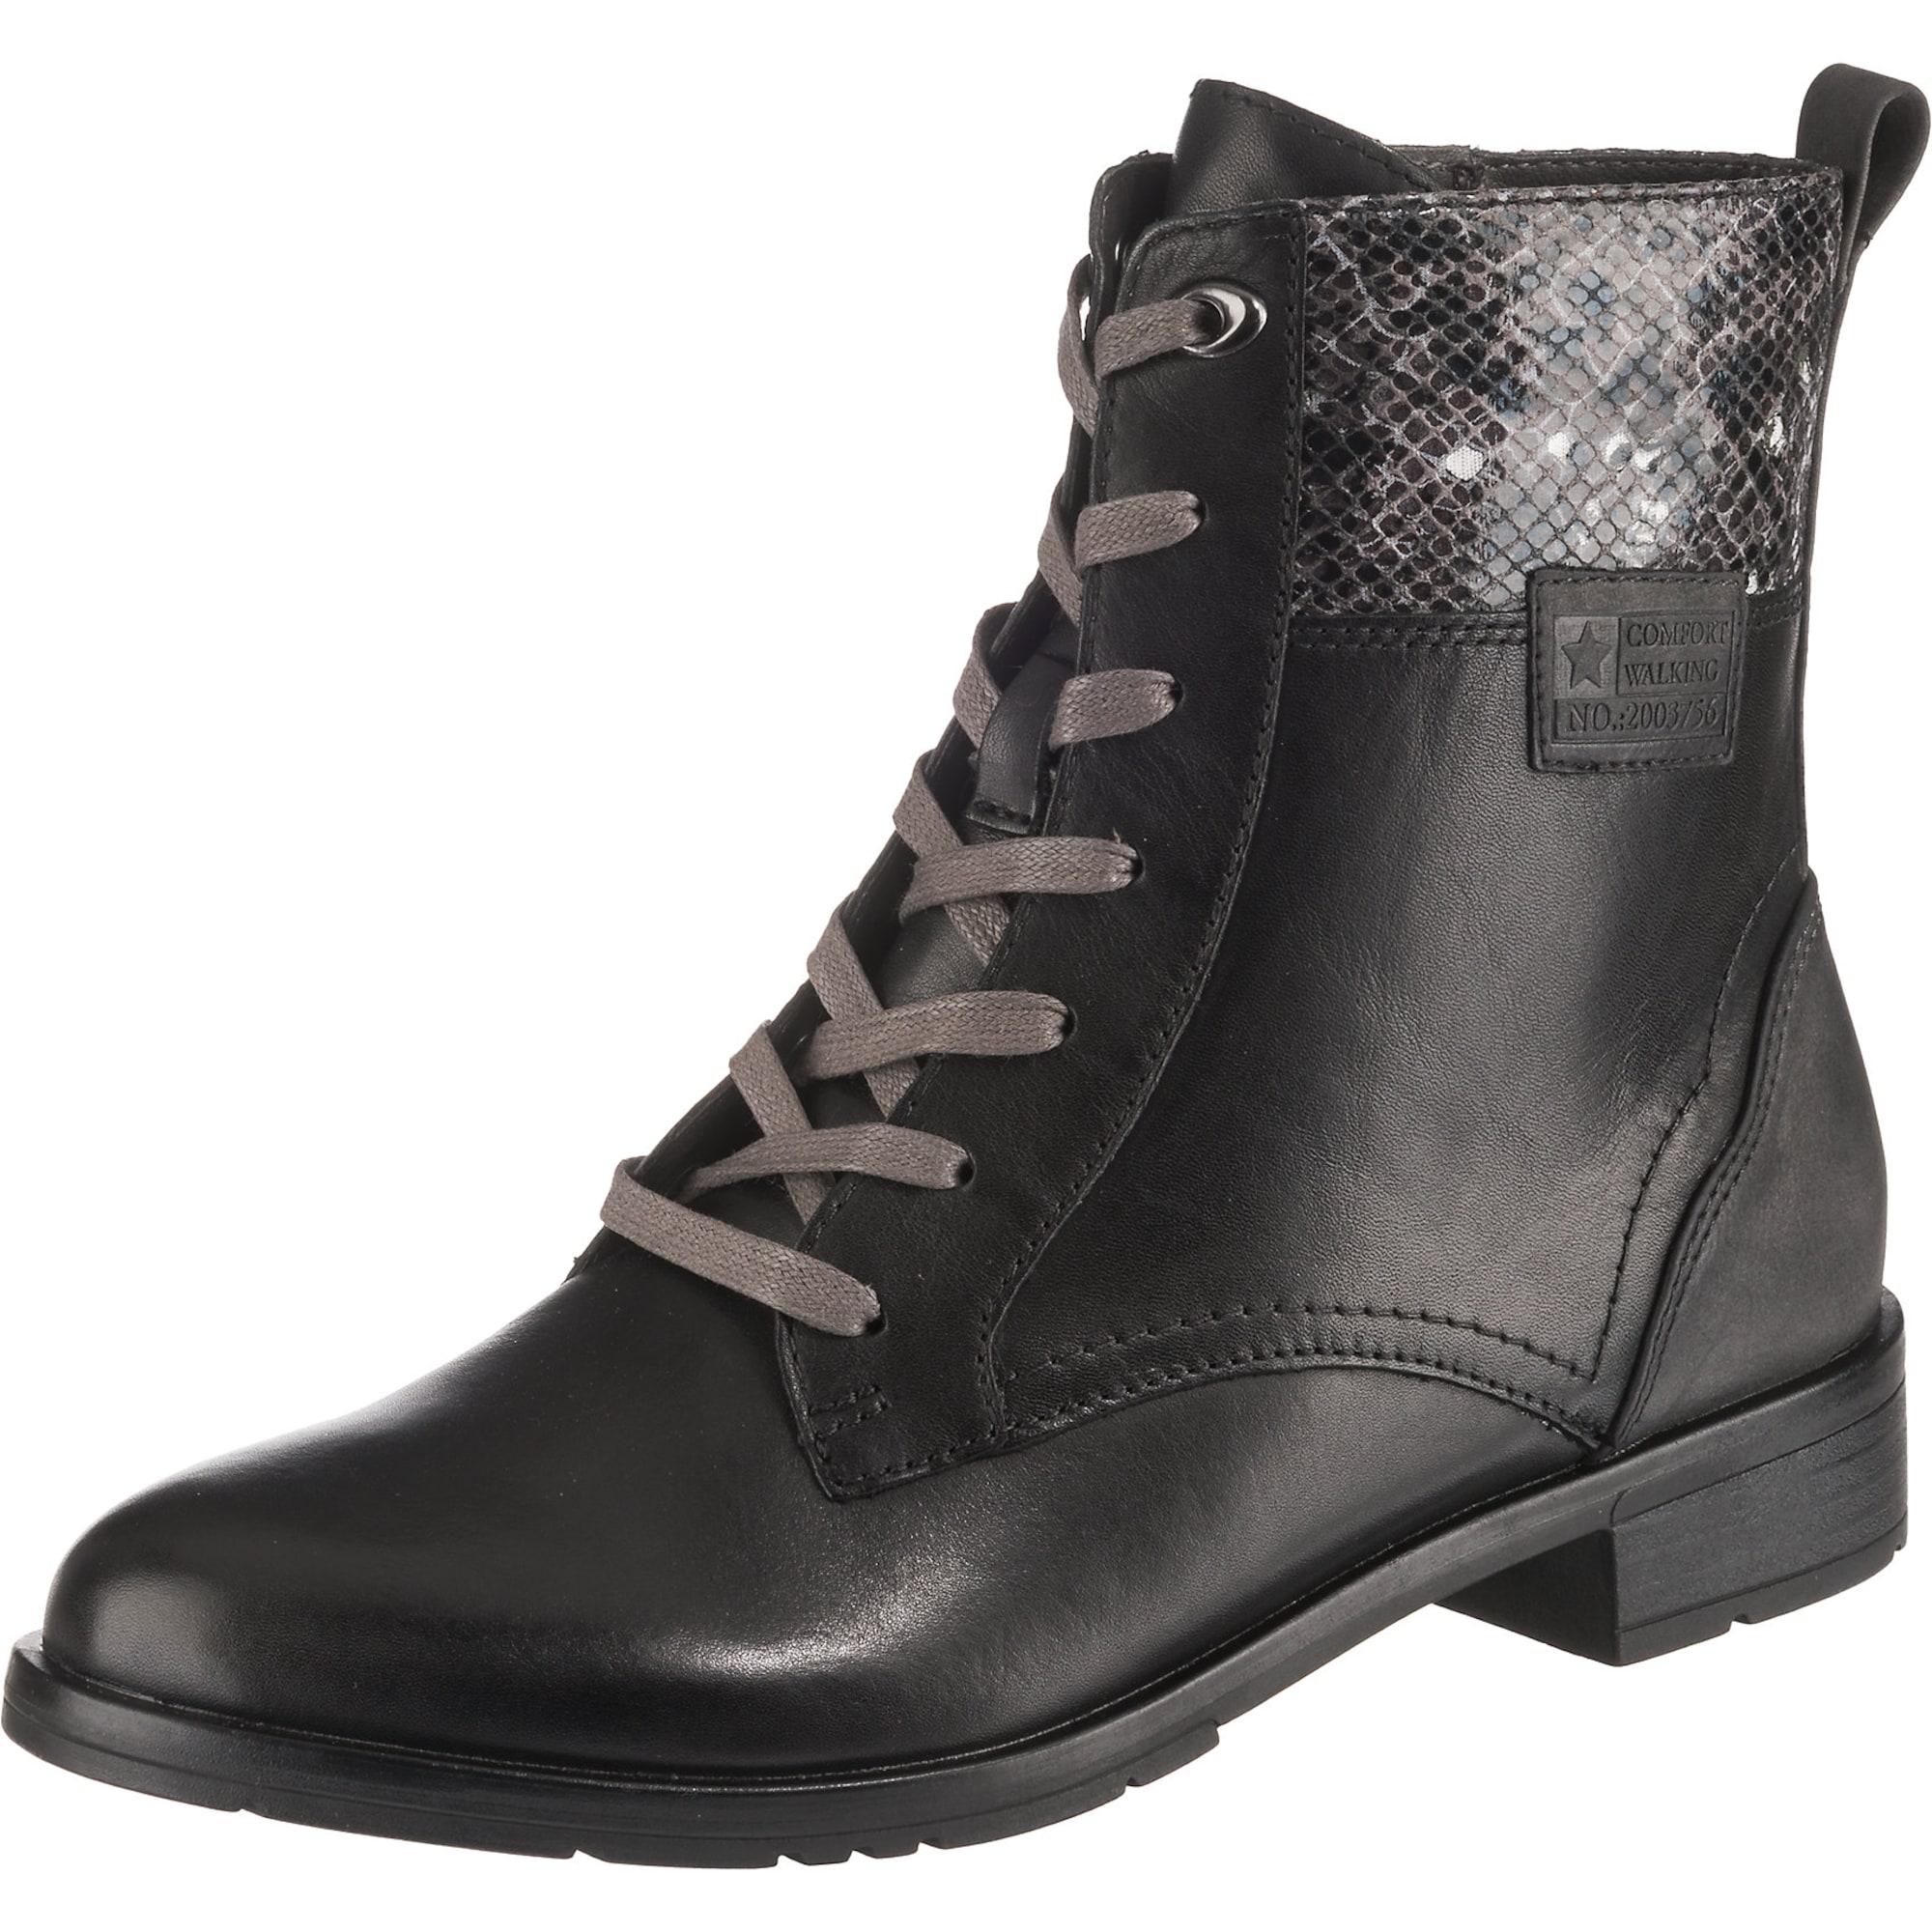 Schnürstiefelette   Schuhe > Stiefel > Schnürstiefel   JANA